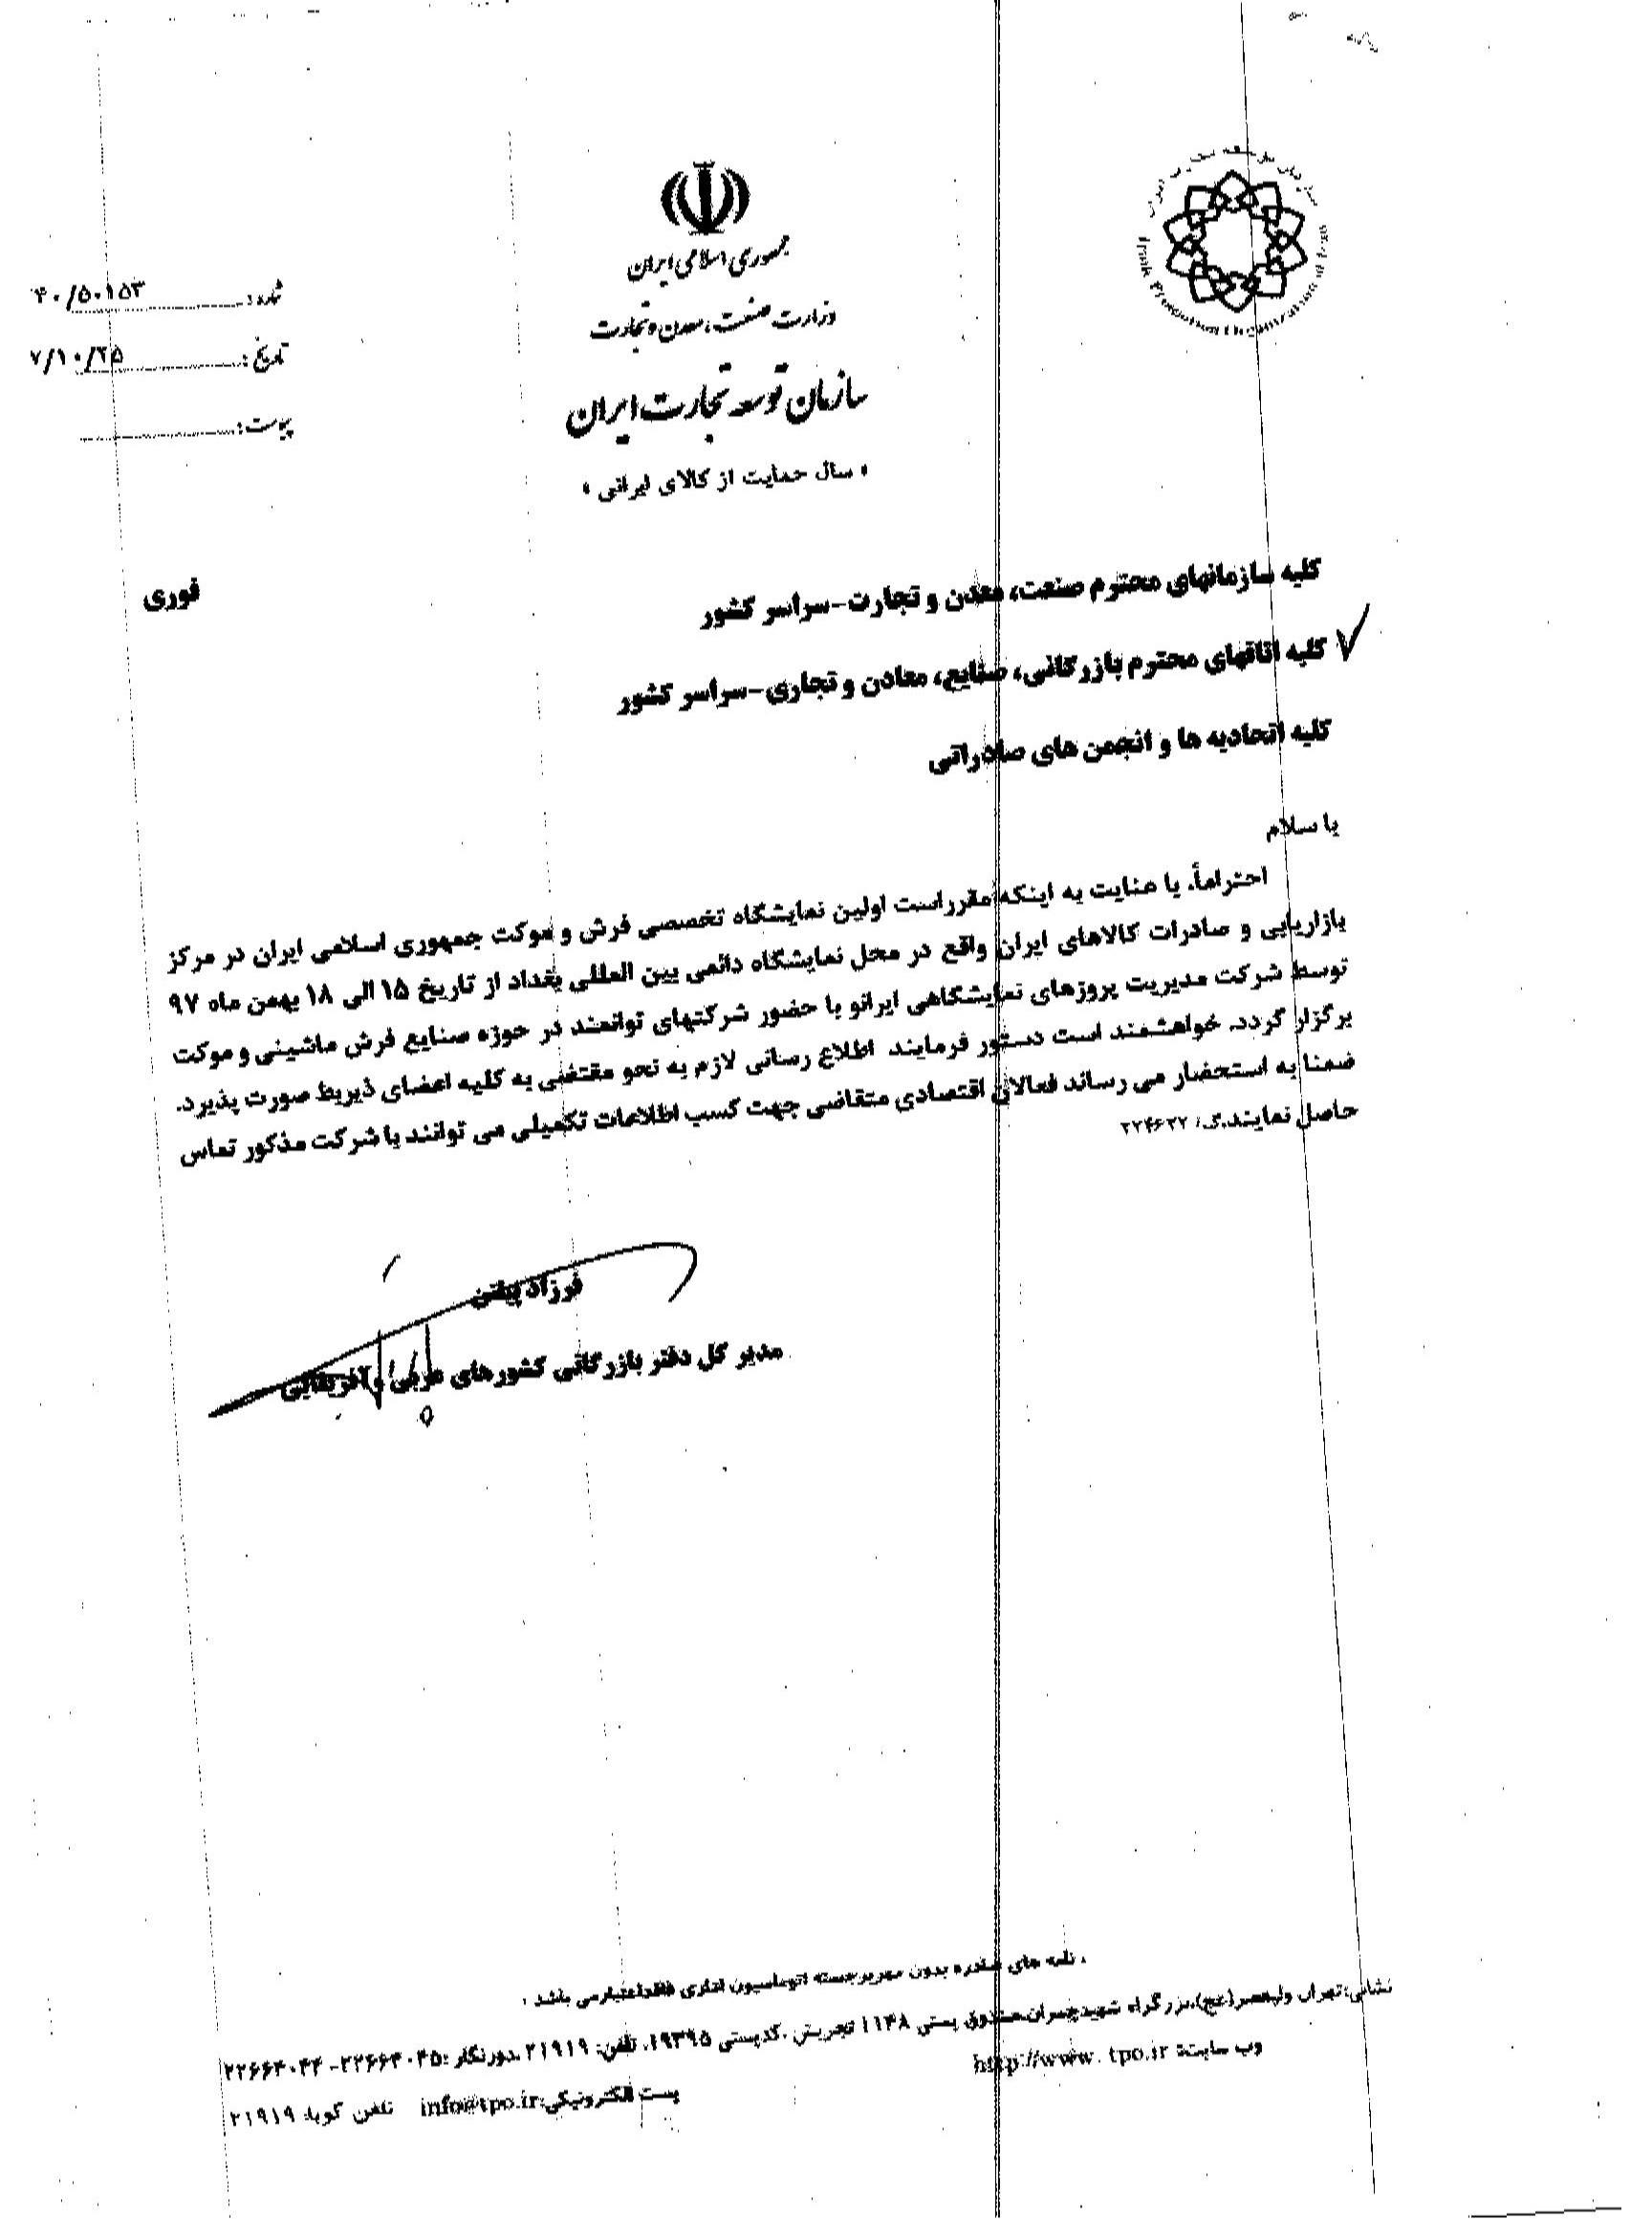 نمایشگاه تخصصی فرش و موکت ایران در بغداد عراق